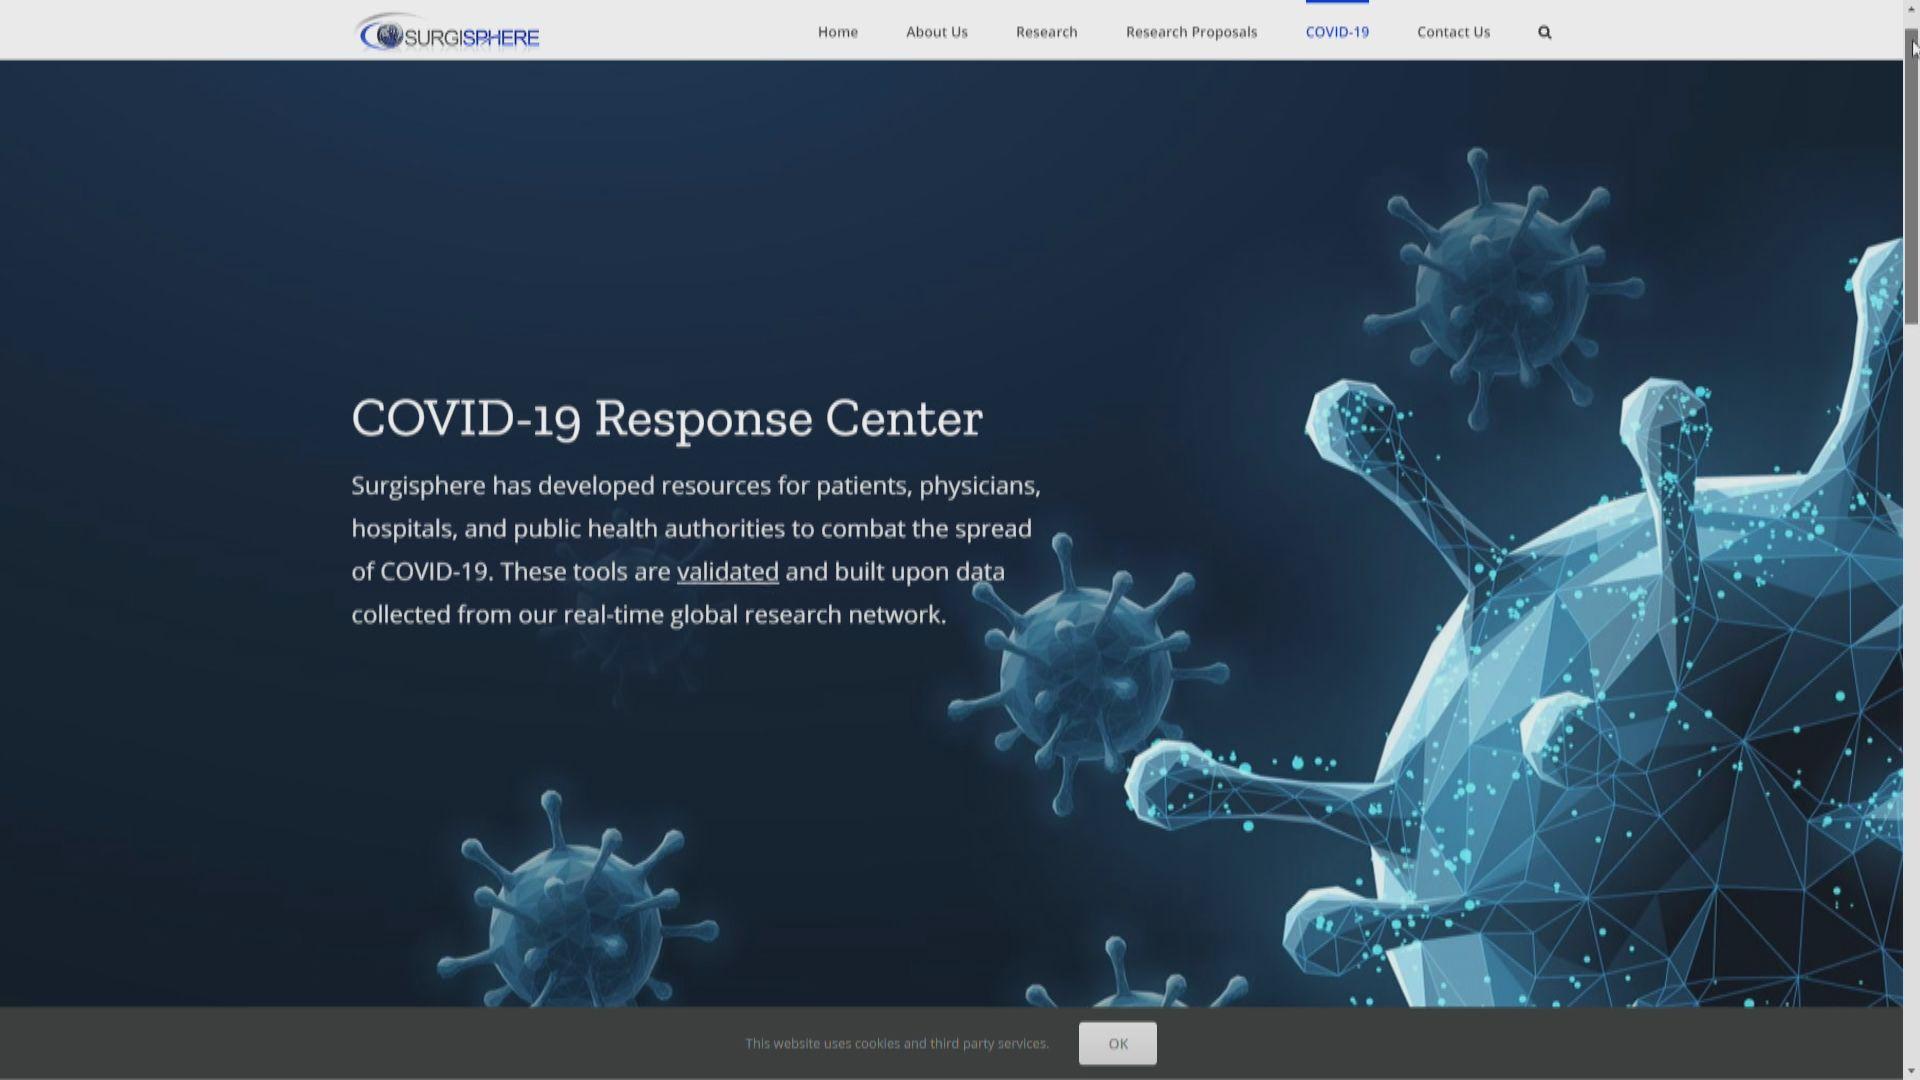 刺針引美公司有關抗虐疾藥物治新冠病毒數據來源不明